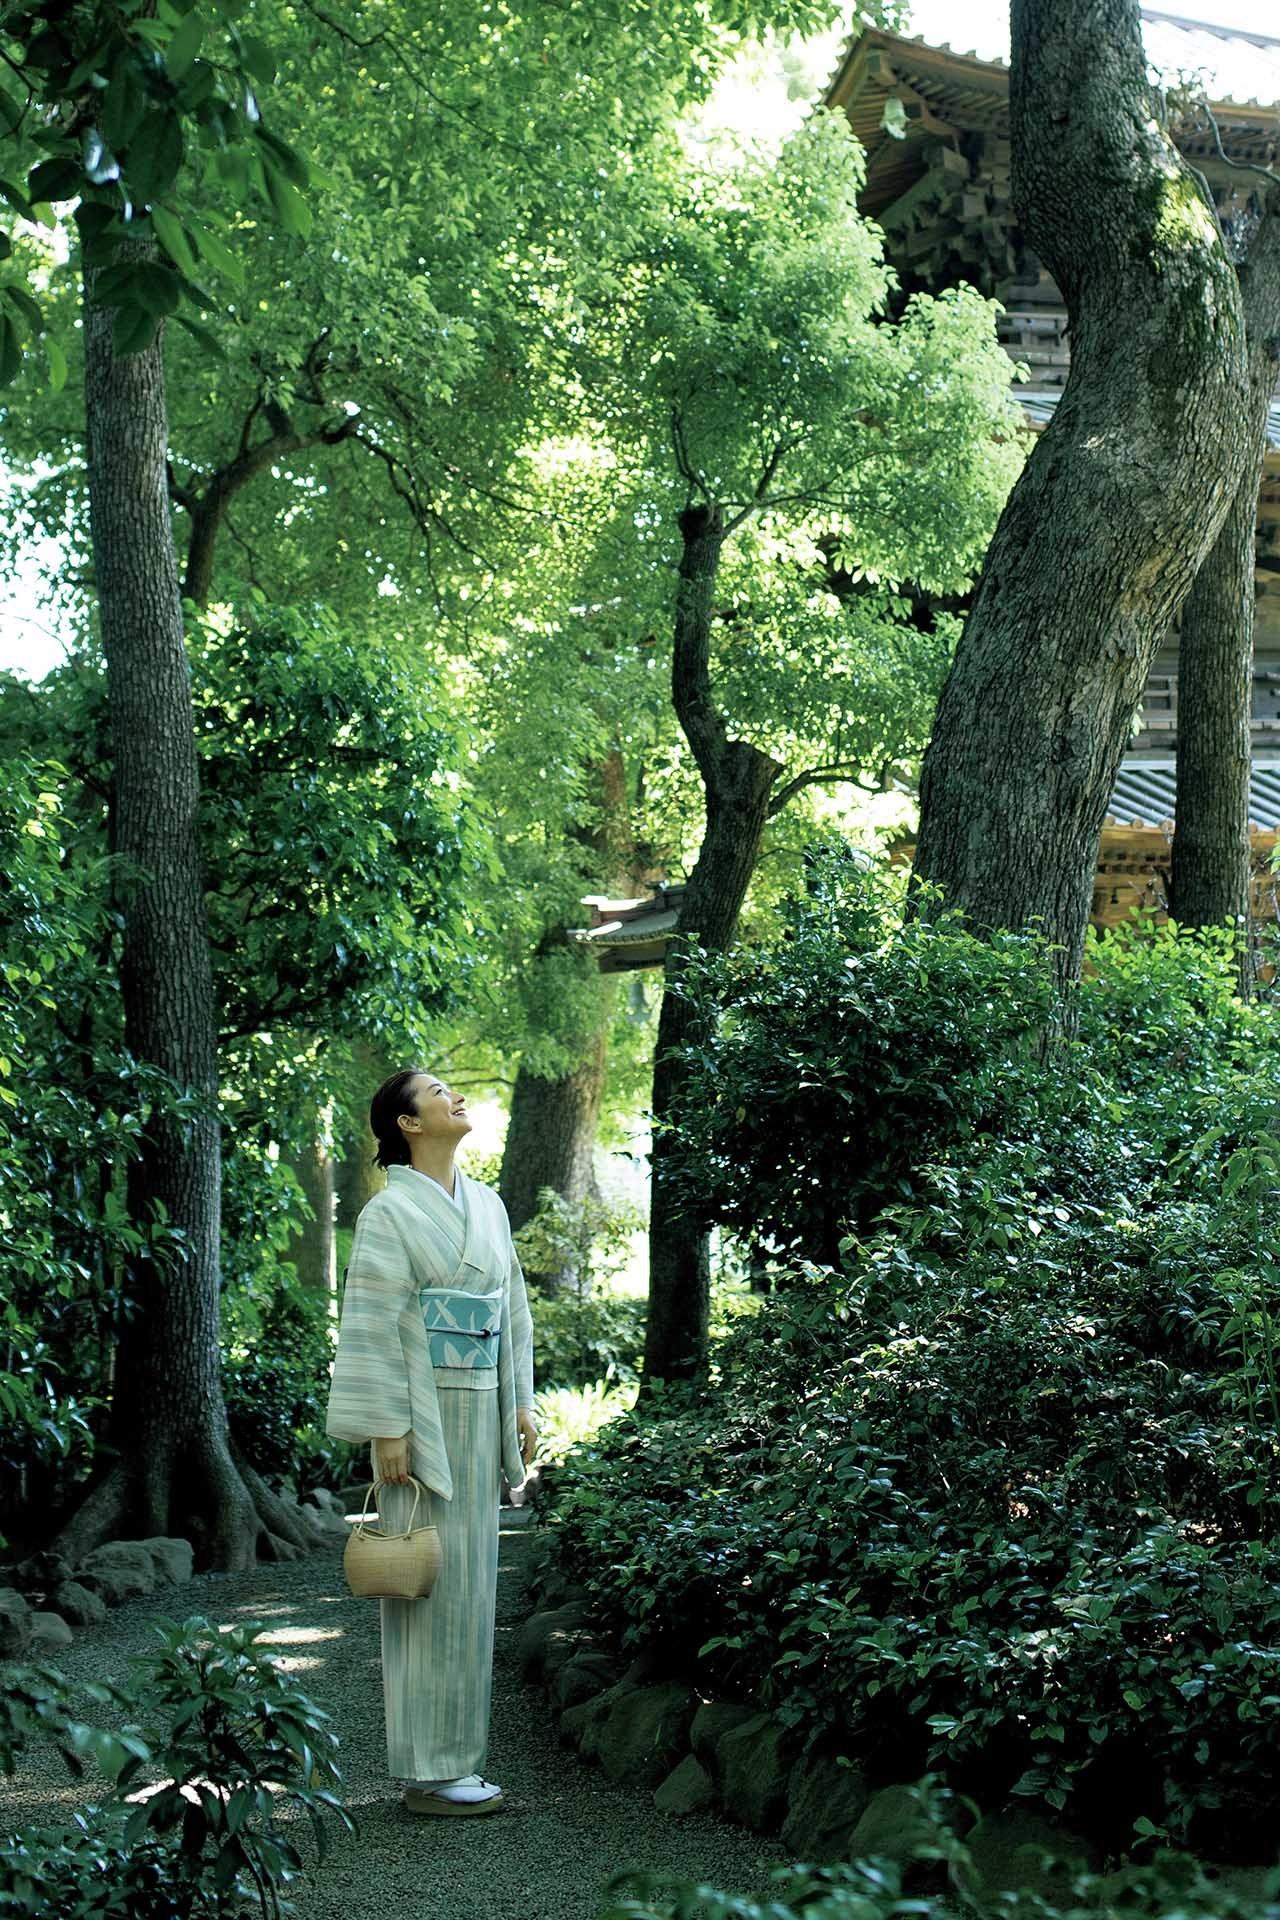 亜希、夏着物でお出かけ。緑陰に惹かれて、大人の街・目白へ 五選_1_1-2